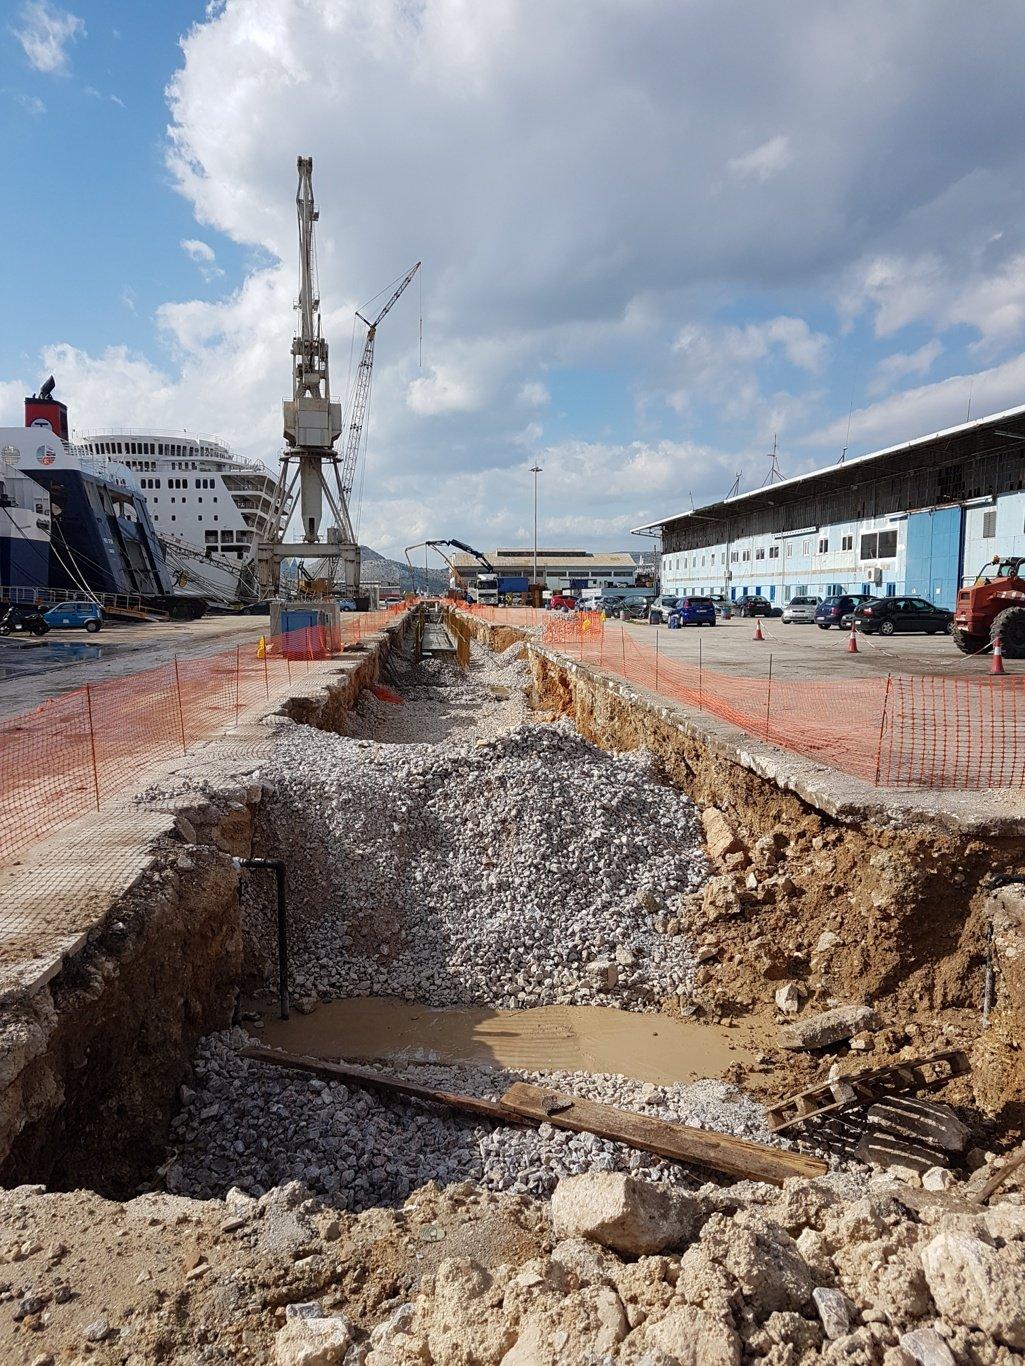 Perama shipyards